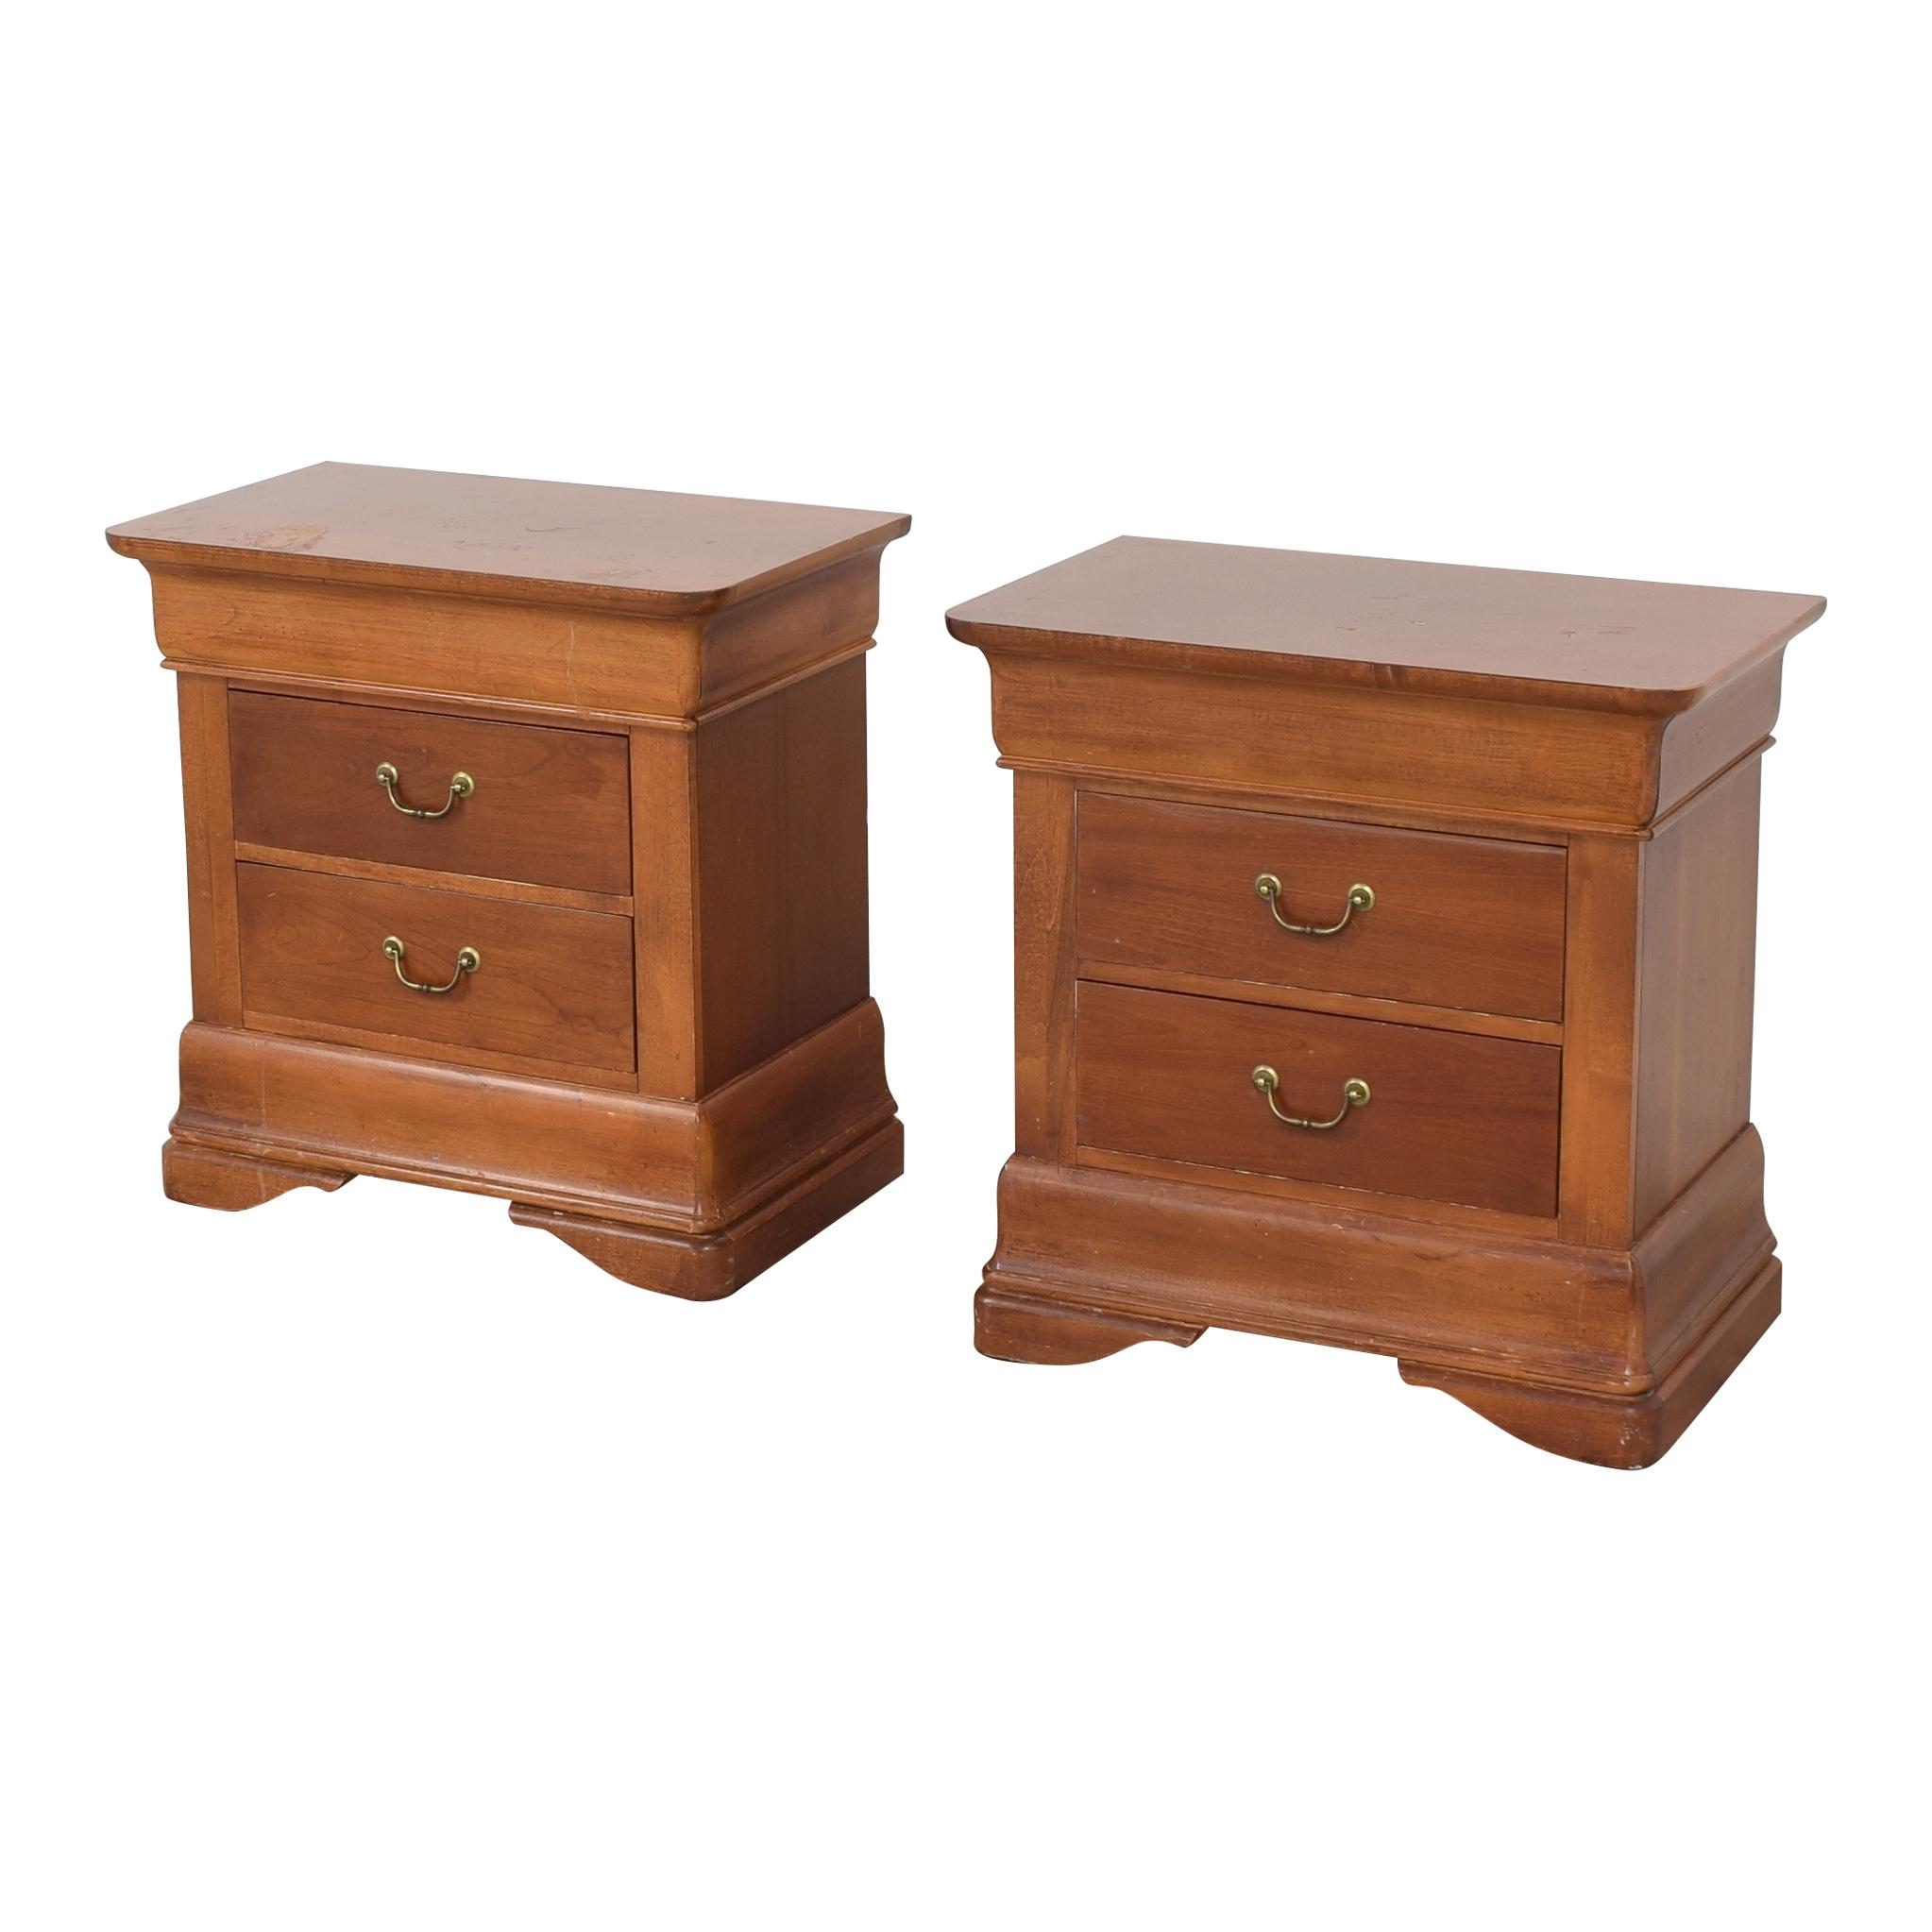 Huffman Koos Three Drawer Nightstands / Tables